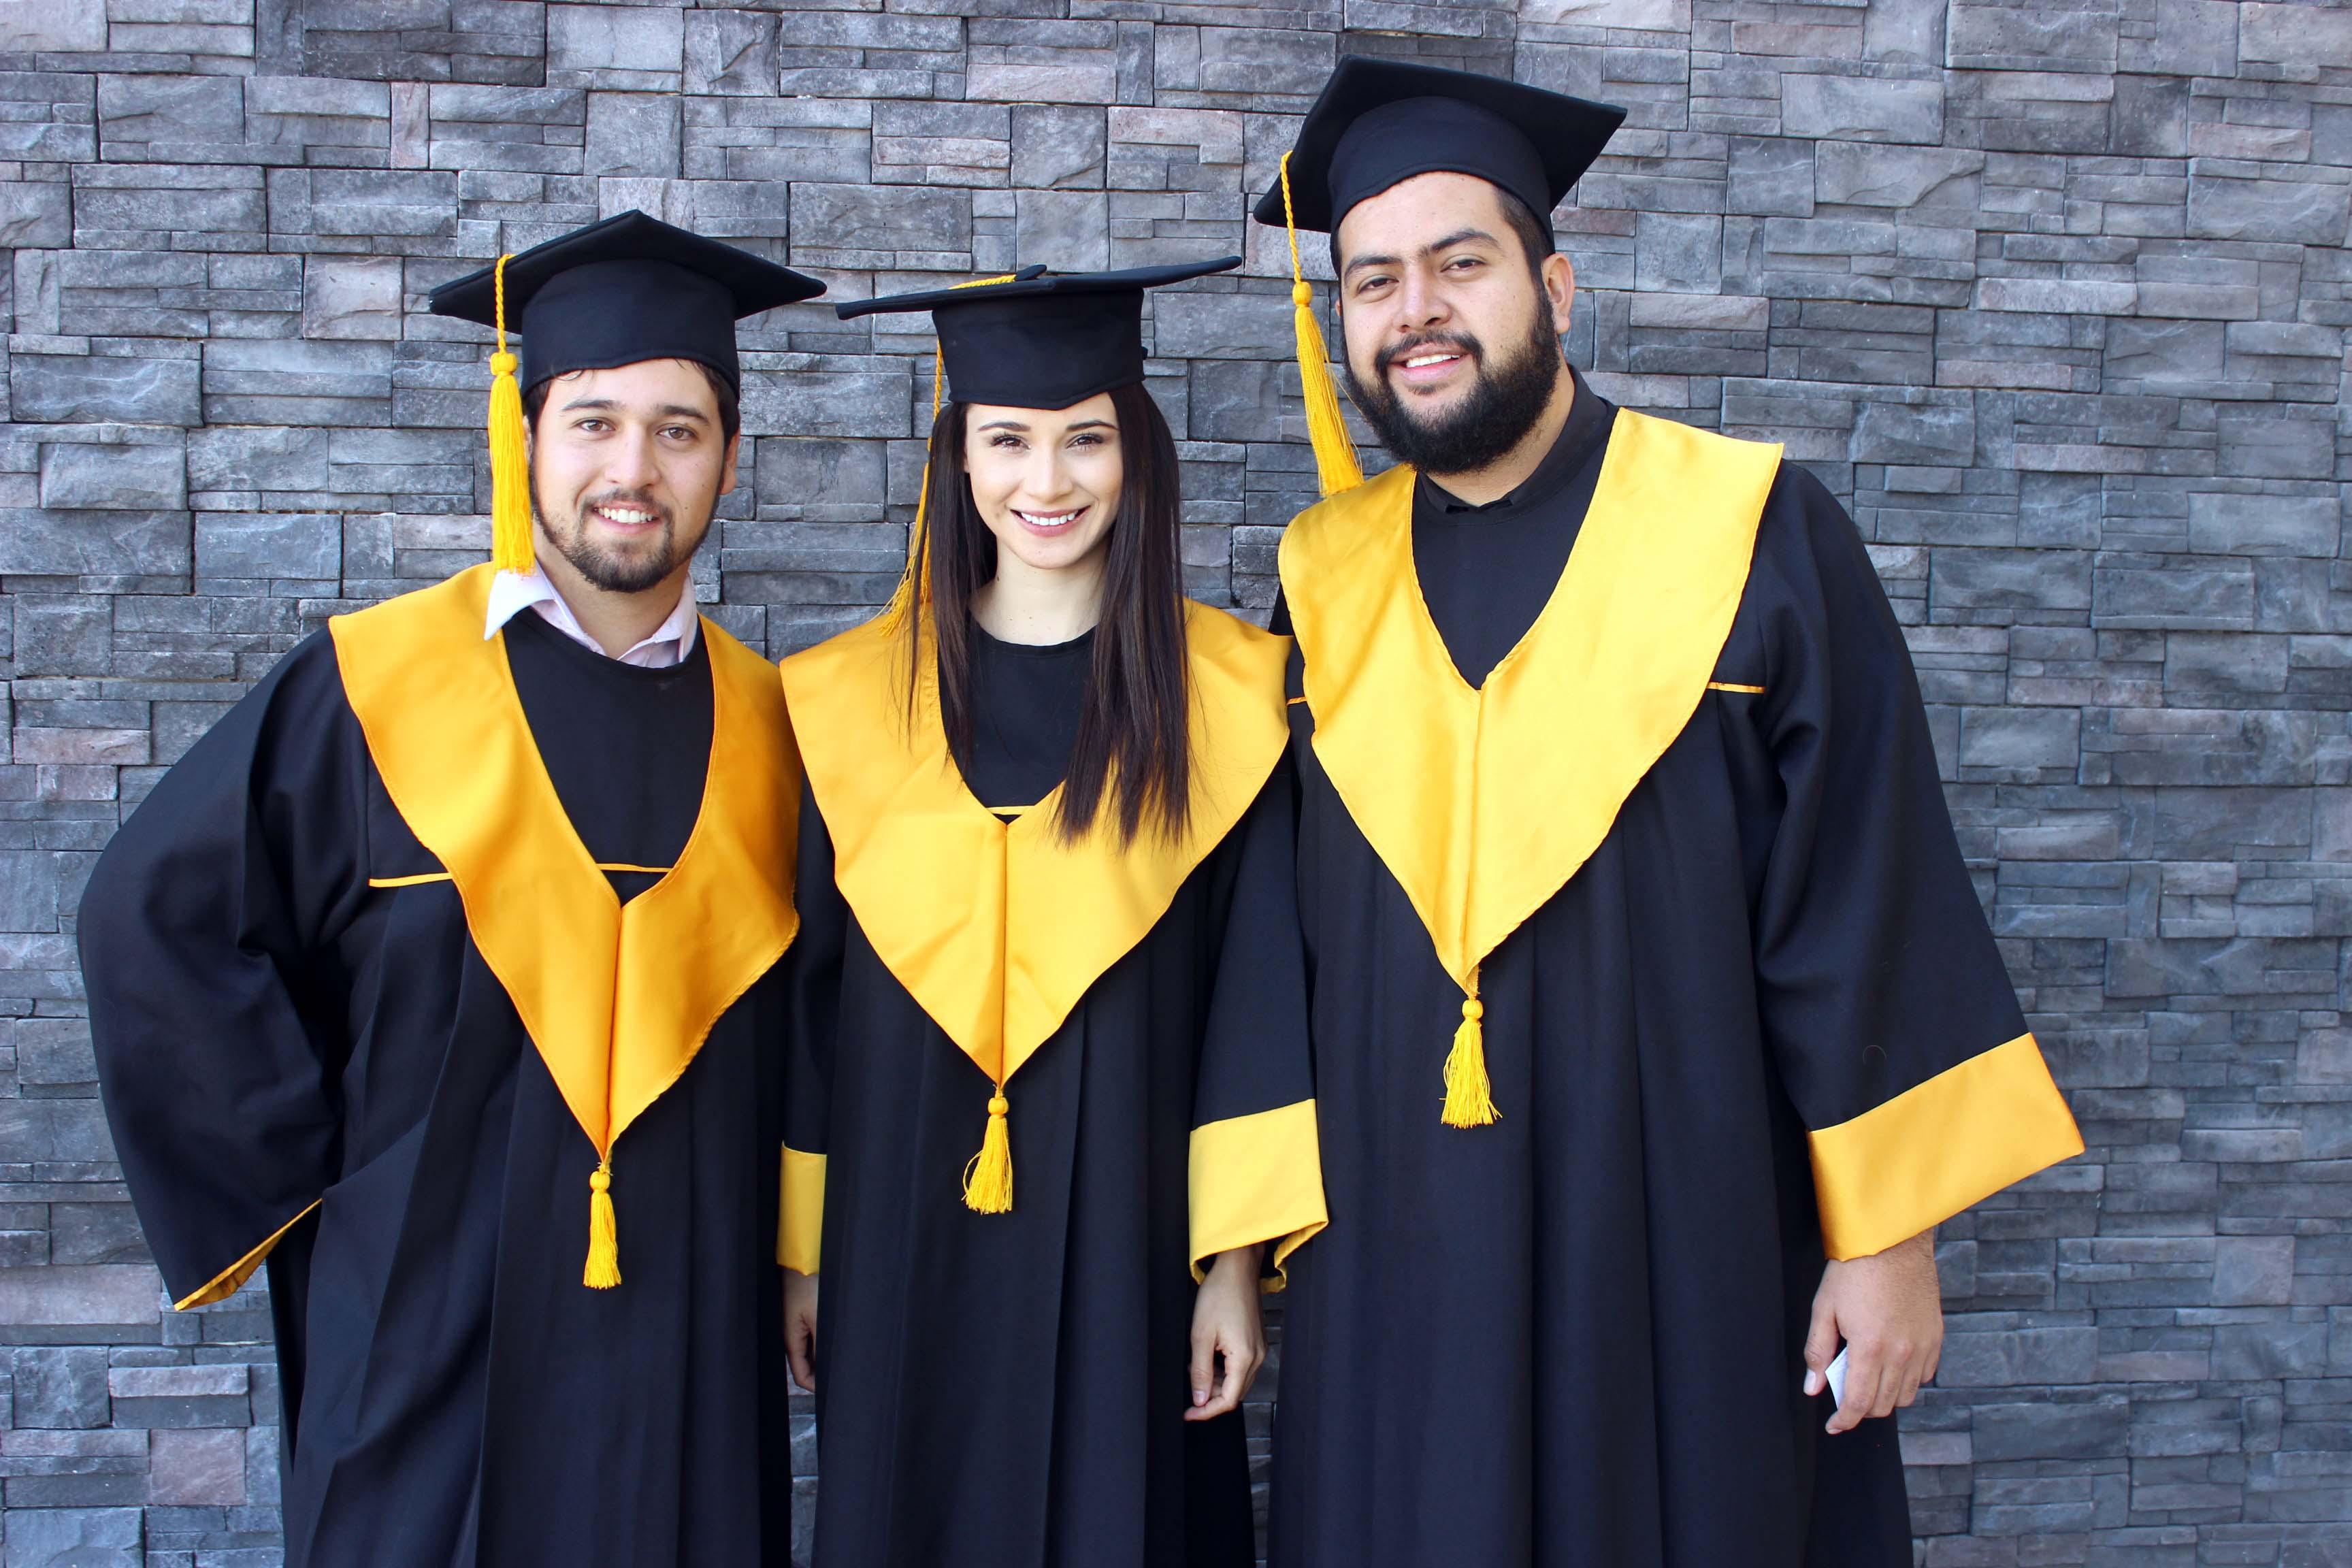 Foto del recuerdo de tres estudiantes del CUTonalá, con su toga de graduación y birrete.